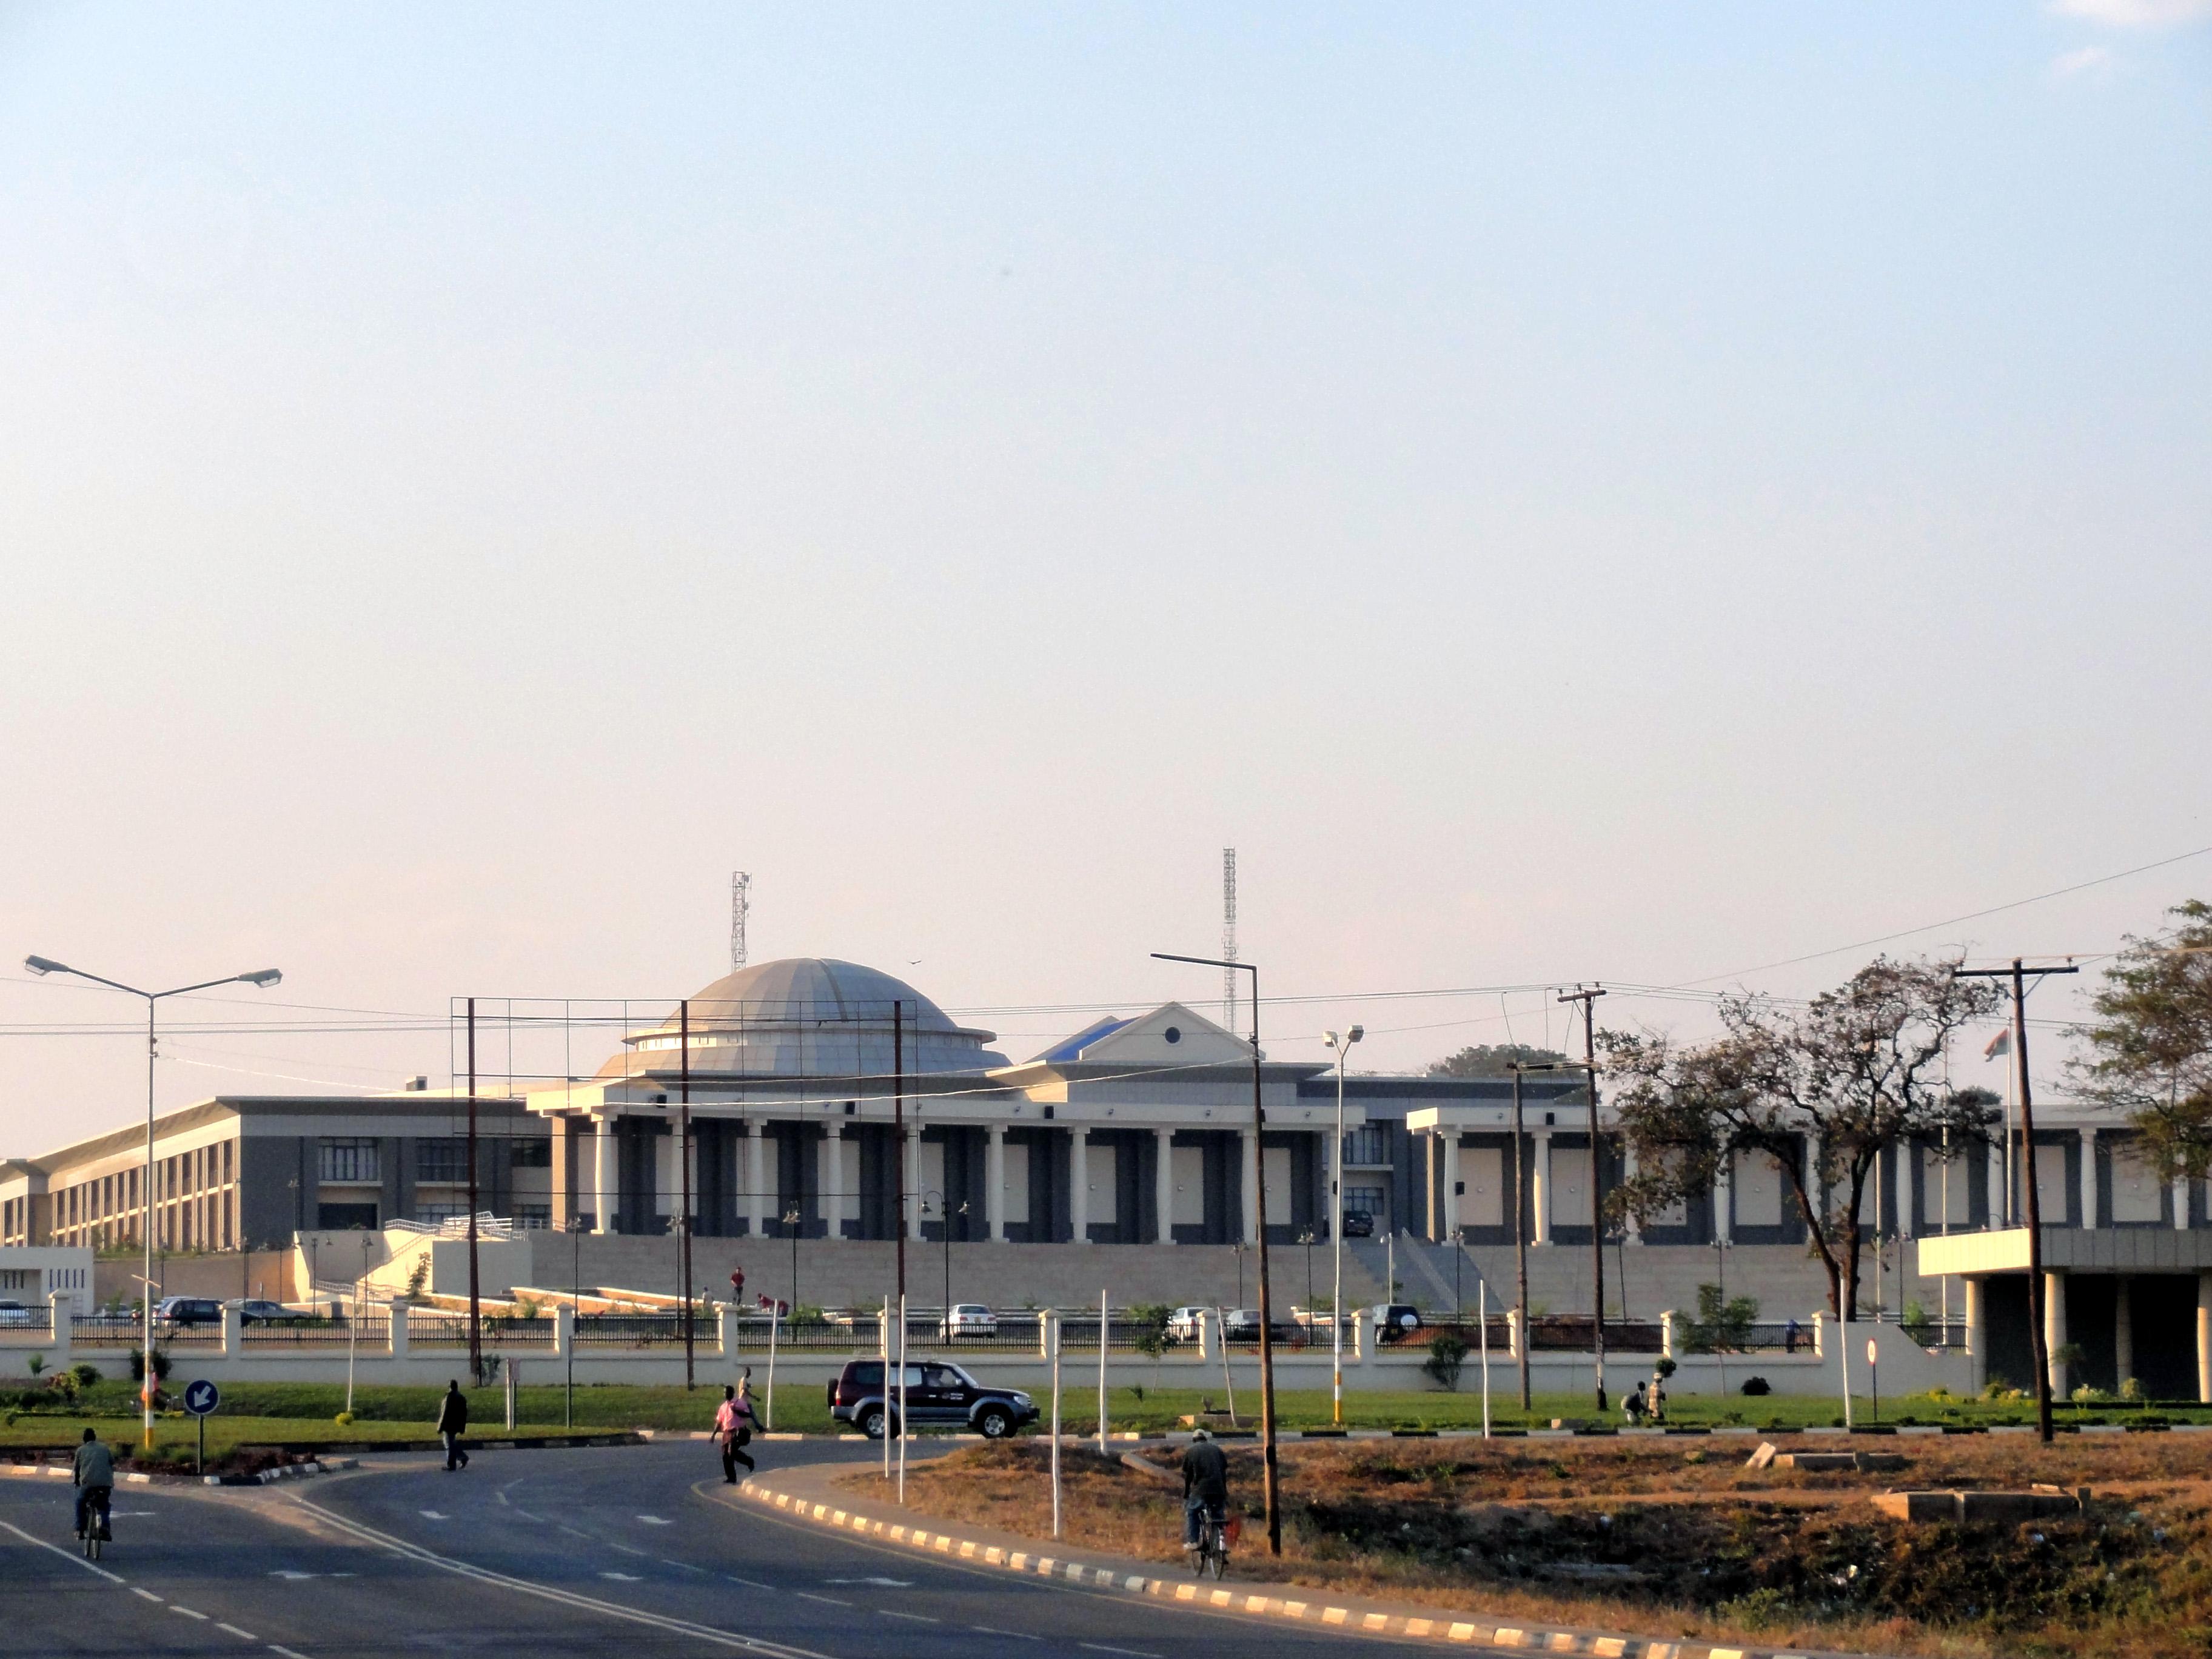 Parlamentsgebäude in Lilongwe, Malawi